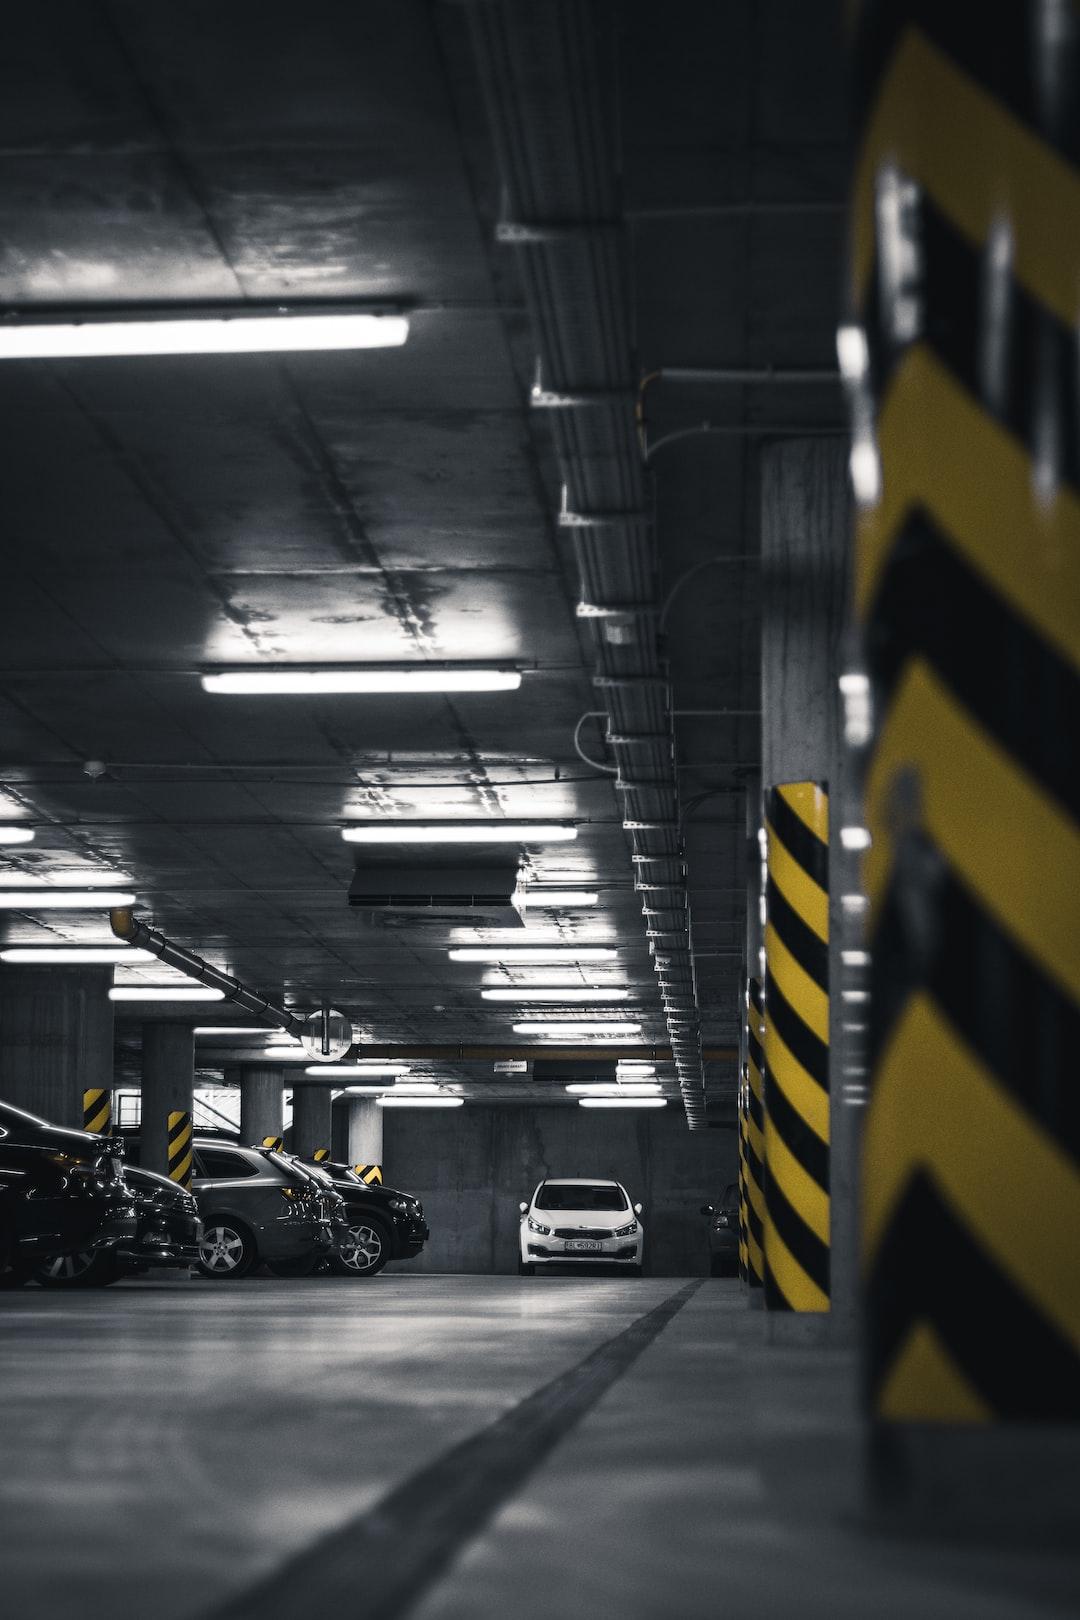 Underground parking 🚧